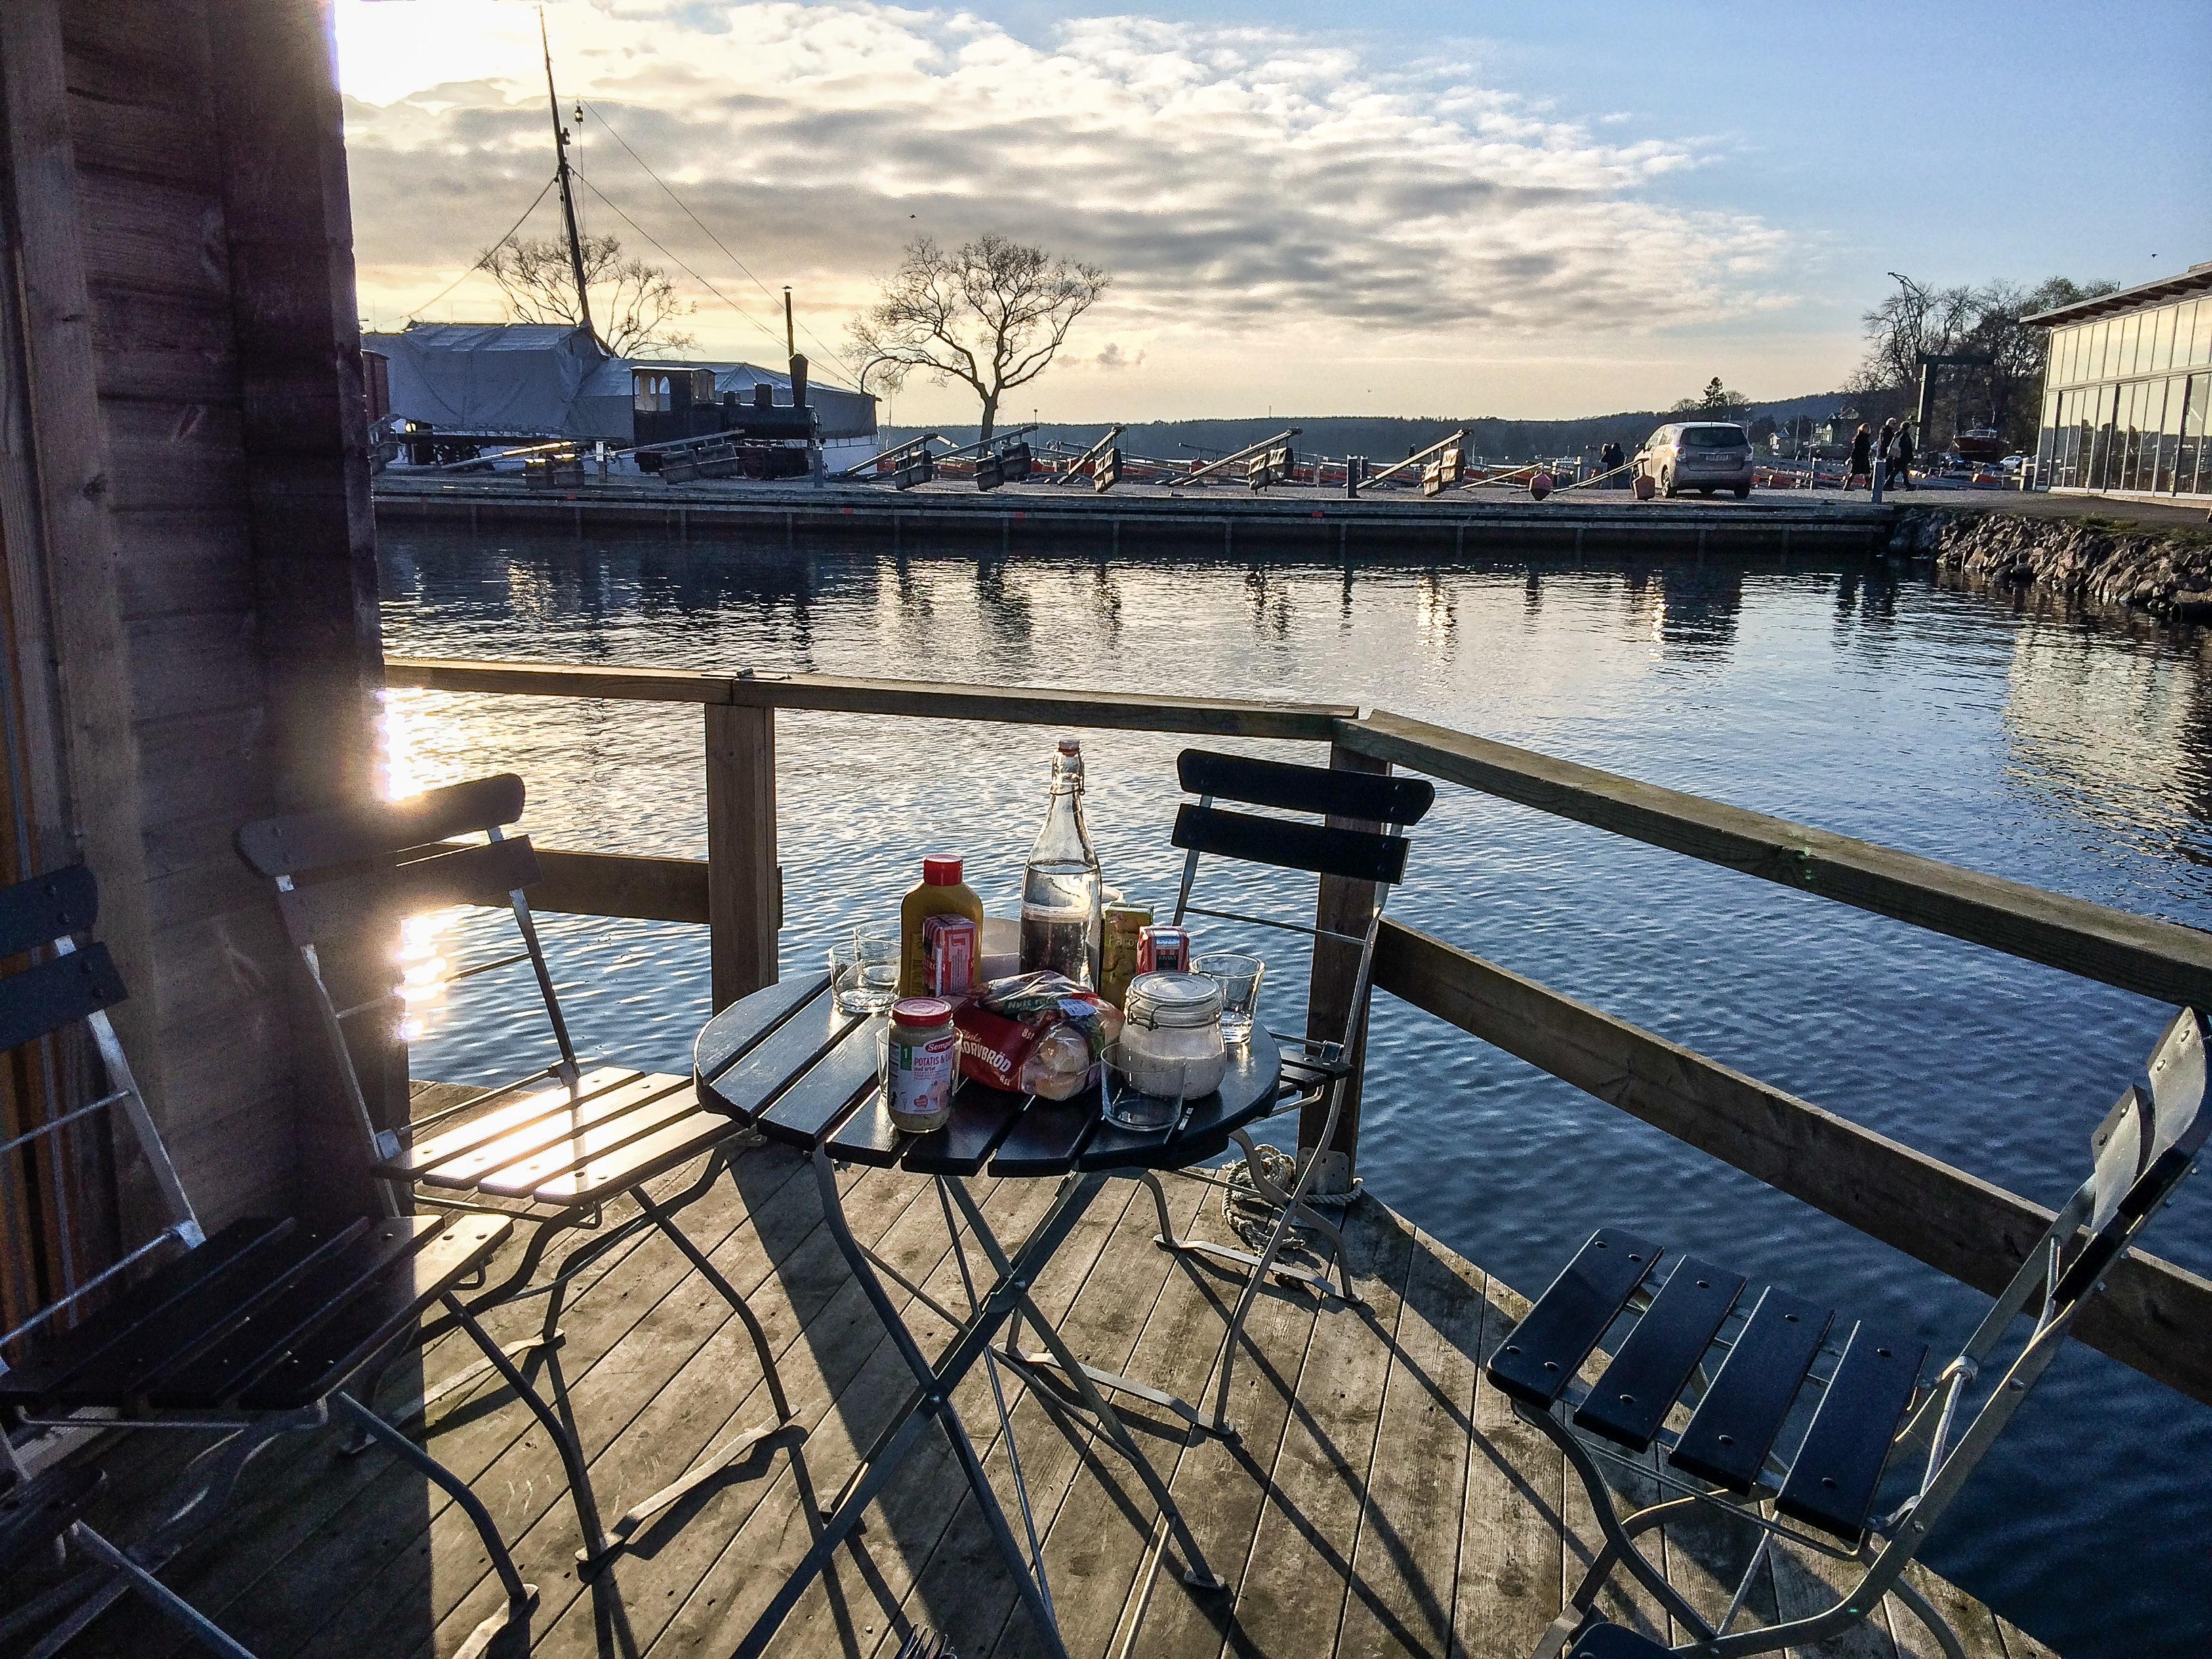 korv grillning i hjo hamn korvgrillning grilla korv i hamnen hjo hamn